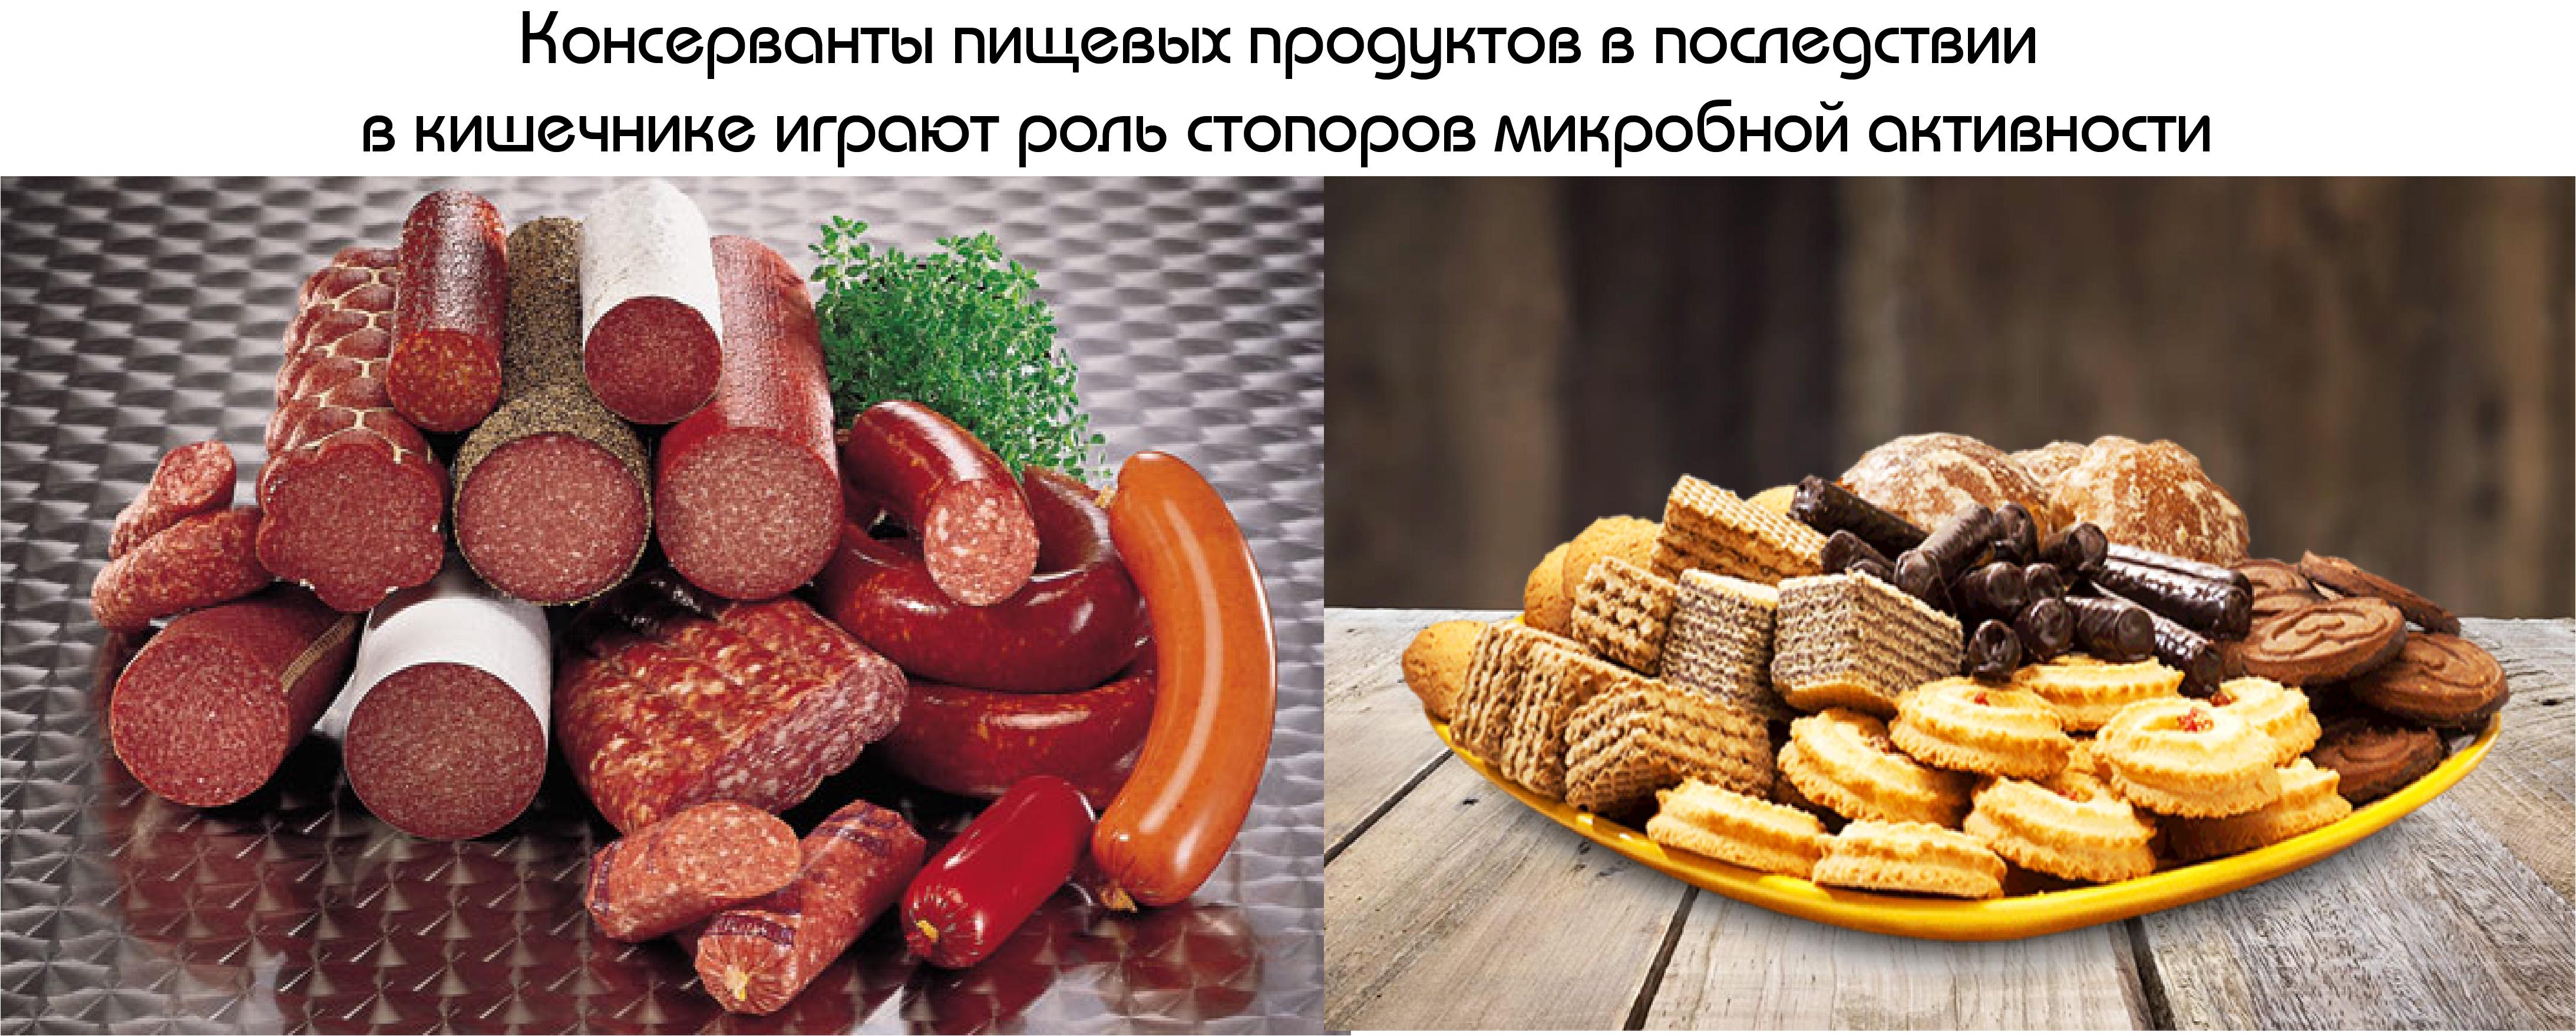 Изображение выглядит как еда, стол, тарелка, сидитАвтоматически созданное описание